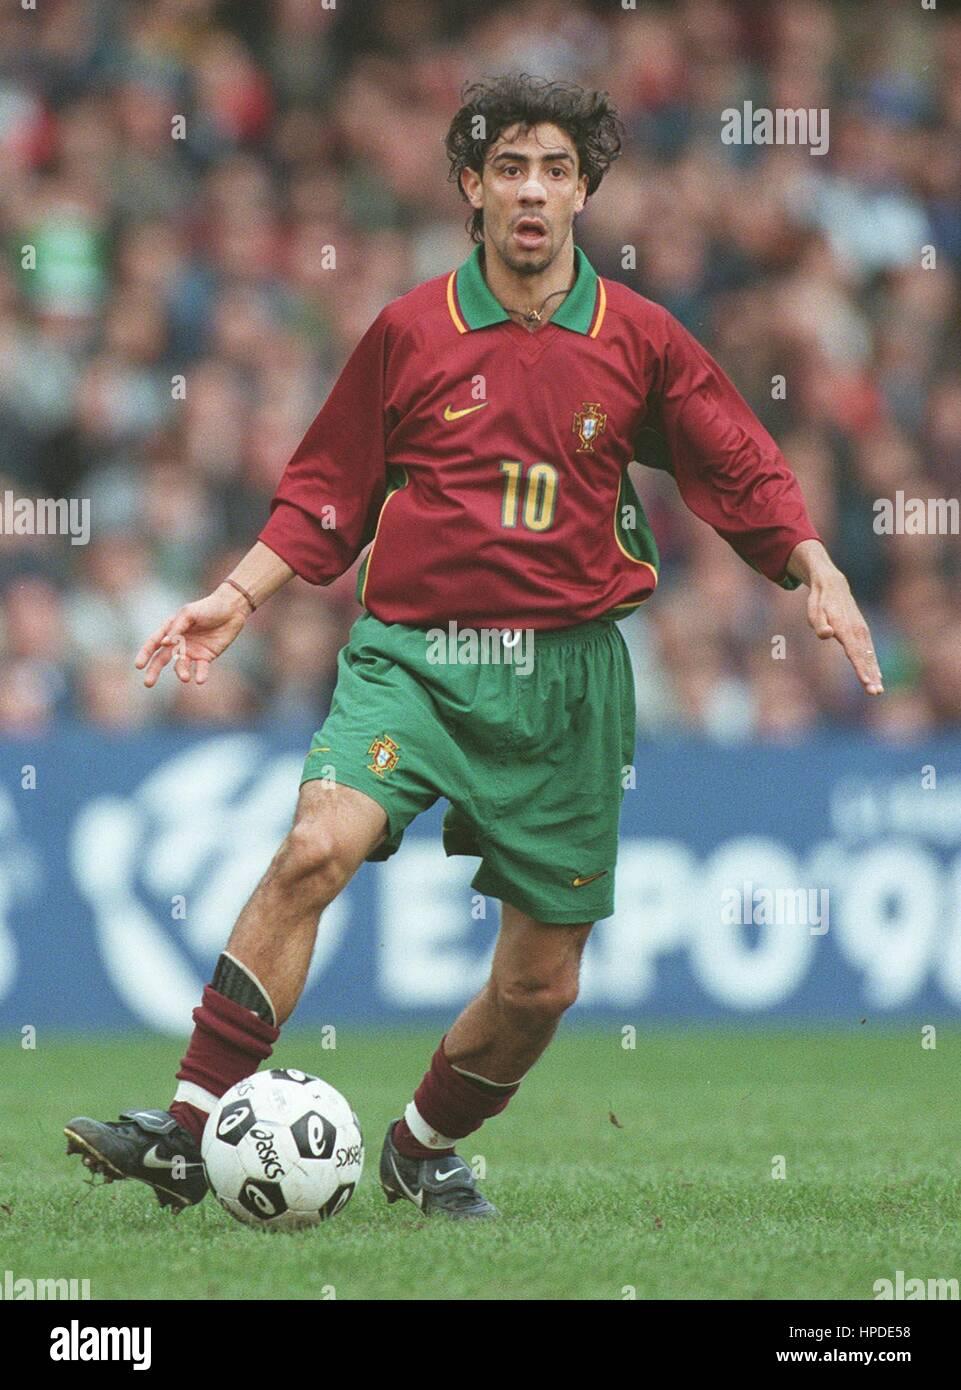 RUI COSTA PORTUGAL & FIORENTINA 08 April 1997 Stock Royalty